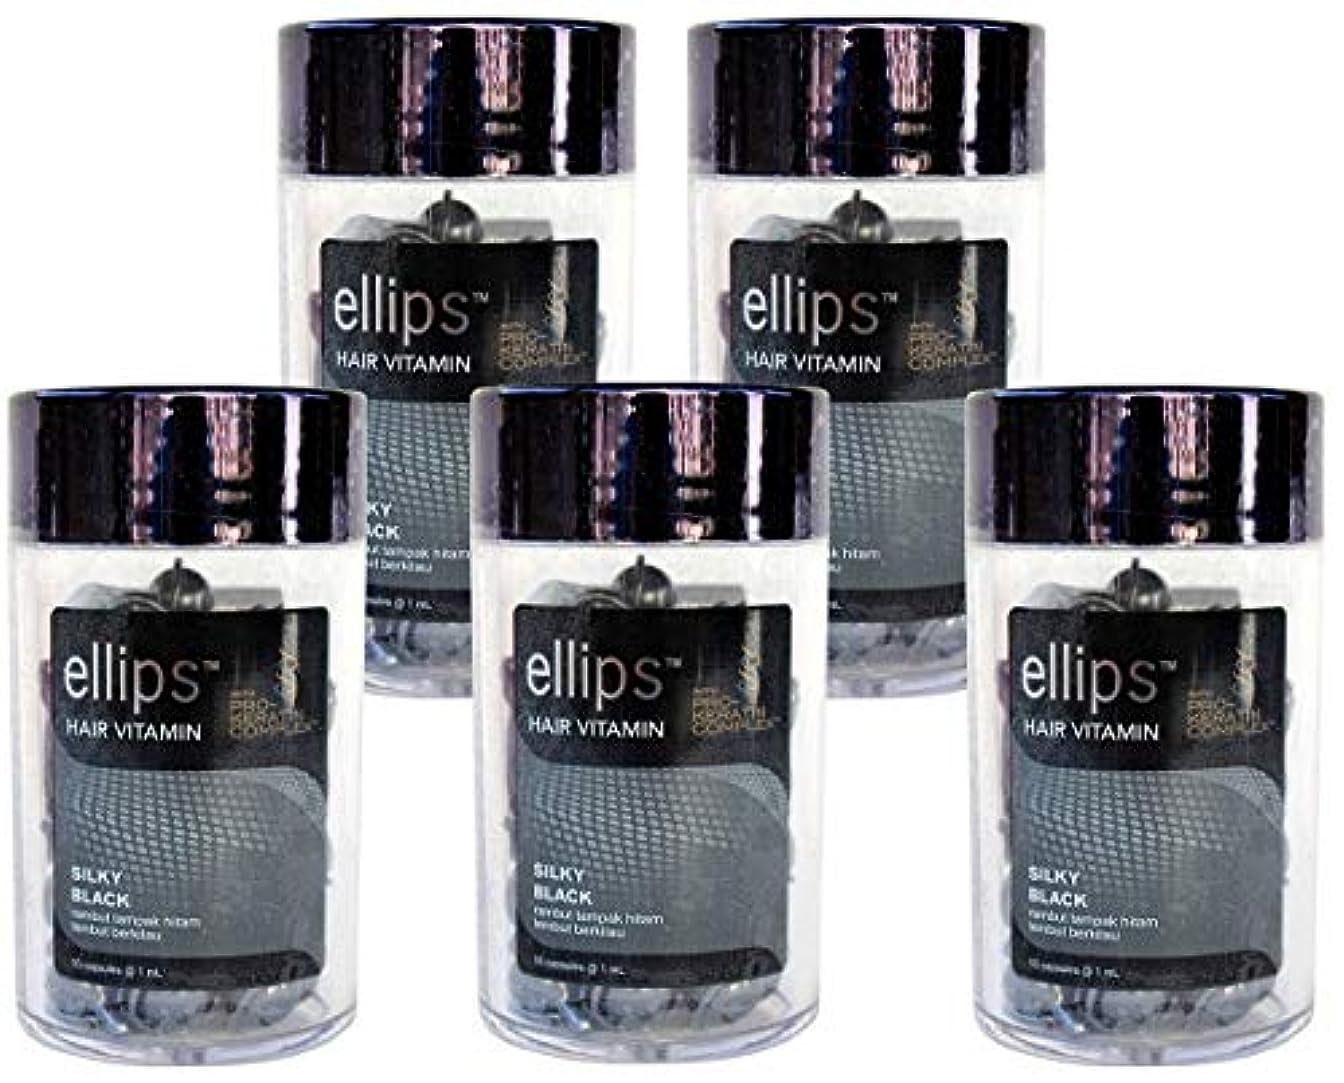 恩赦。してはいけないellips エリプス Hair Vitamin ヘア ビタミン Pro-Keratin Complex プロケラチン配合 SILKY BLACK ブラック ボトル(50粒入) × 5本 セット [並行輸入品][海外直送品]